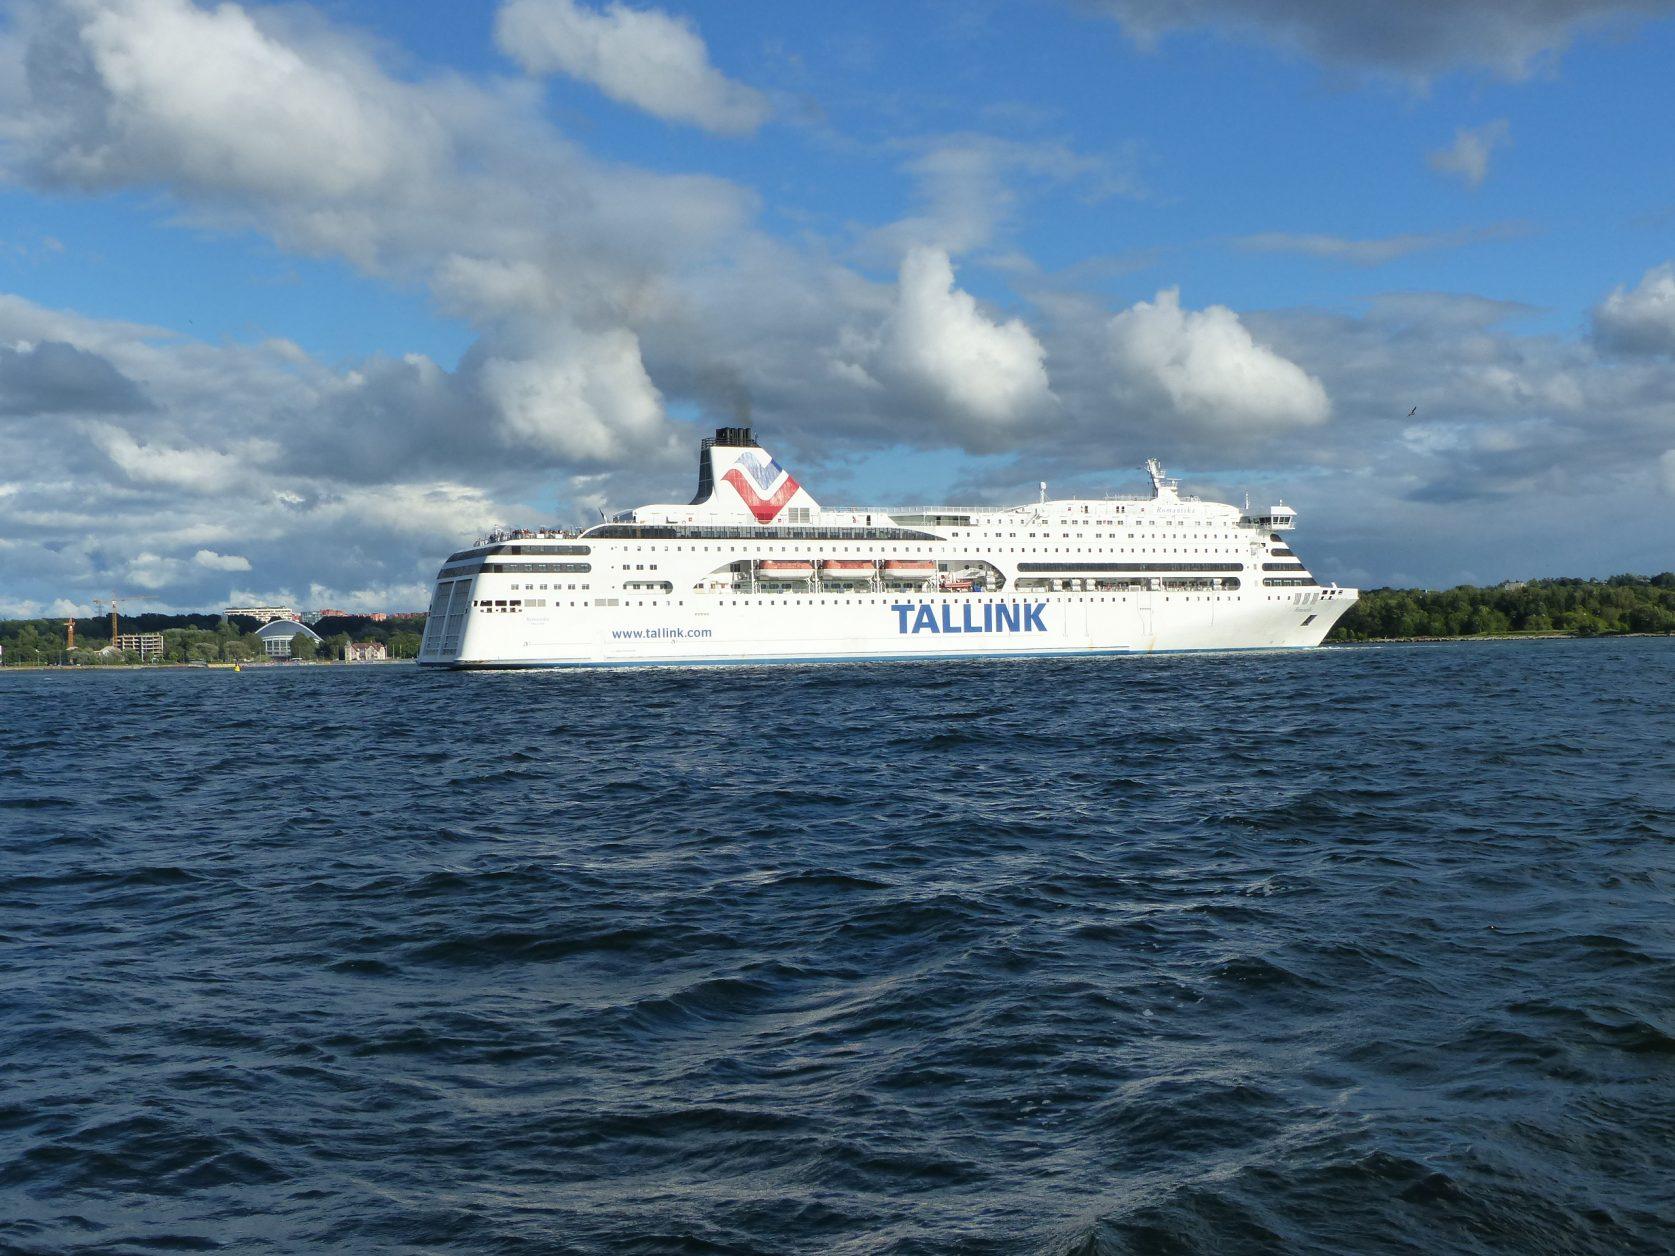 Tallink-Fährschiffe Richtung Ostsee, Foto: D.Weirauch